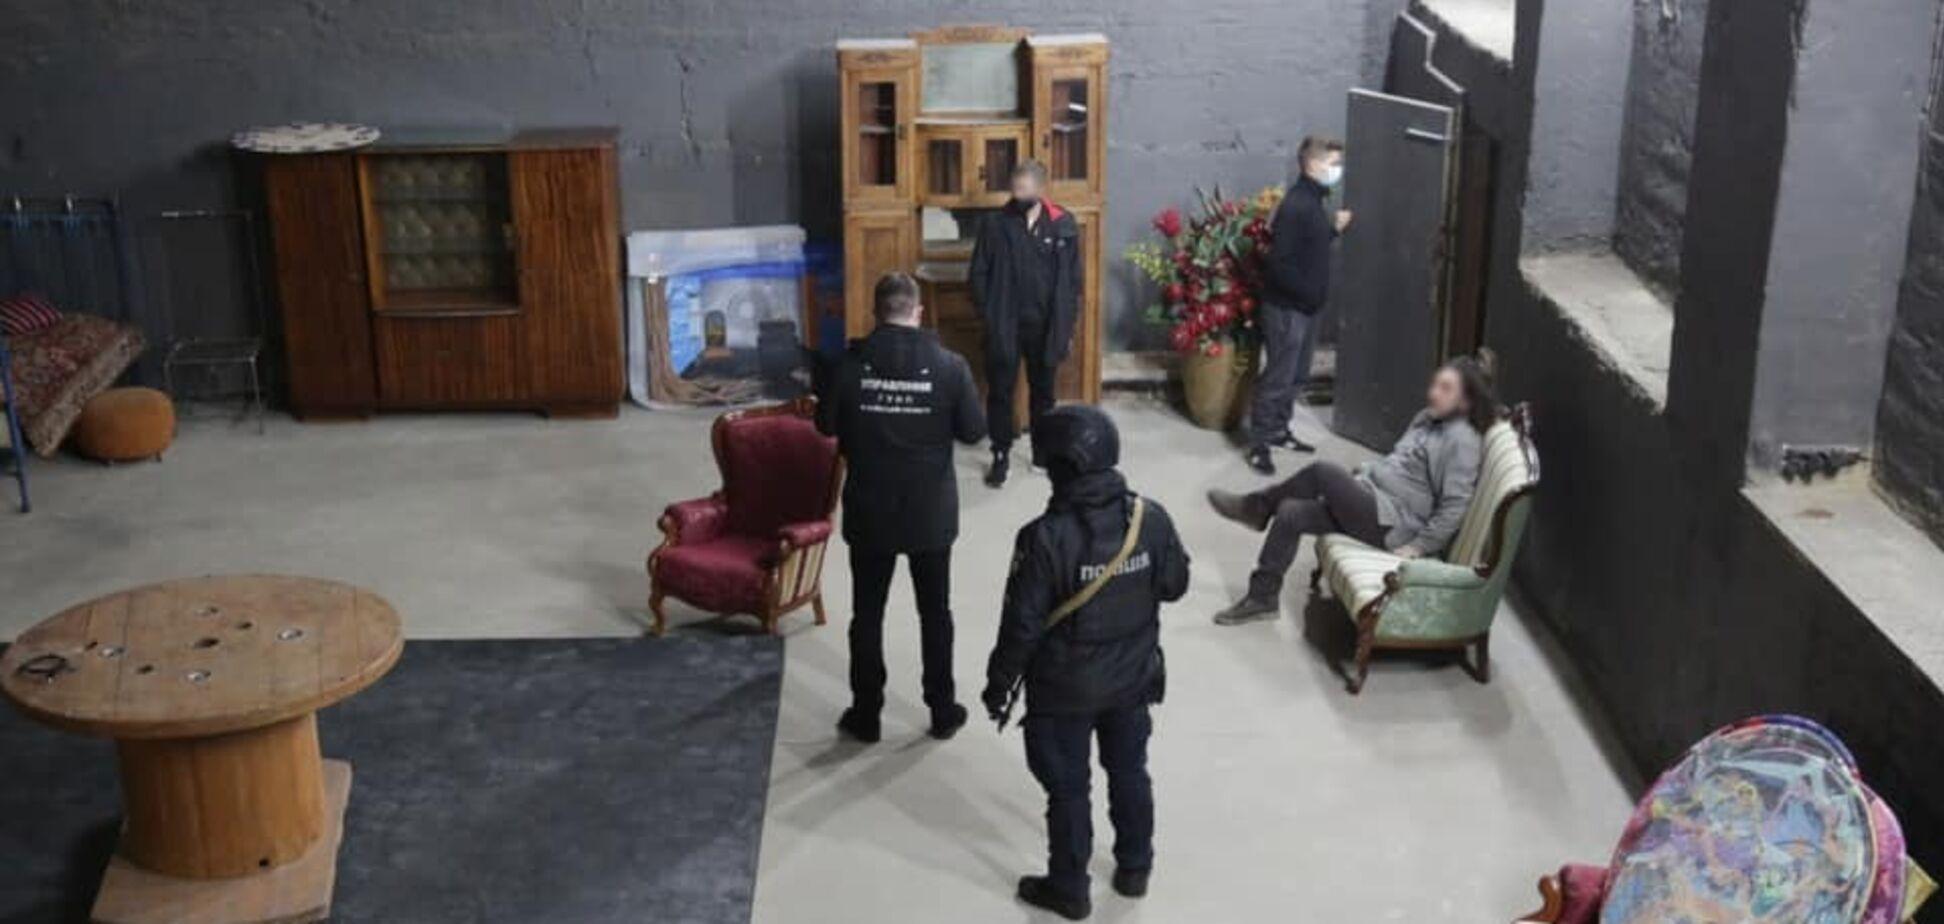 Відомий в Україні фотограф знімав статеві акти в переробленому авто